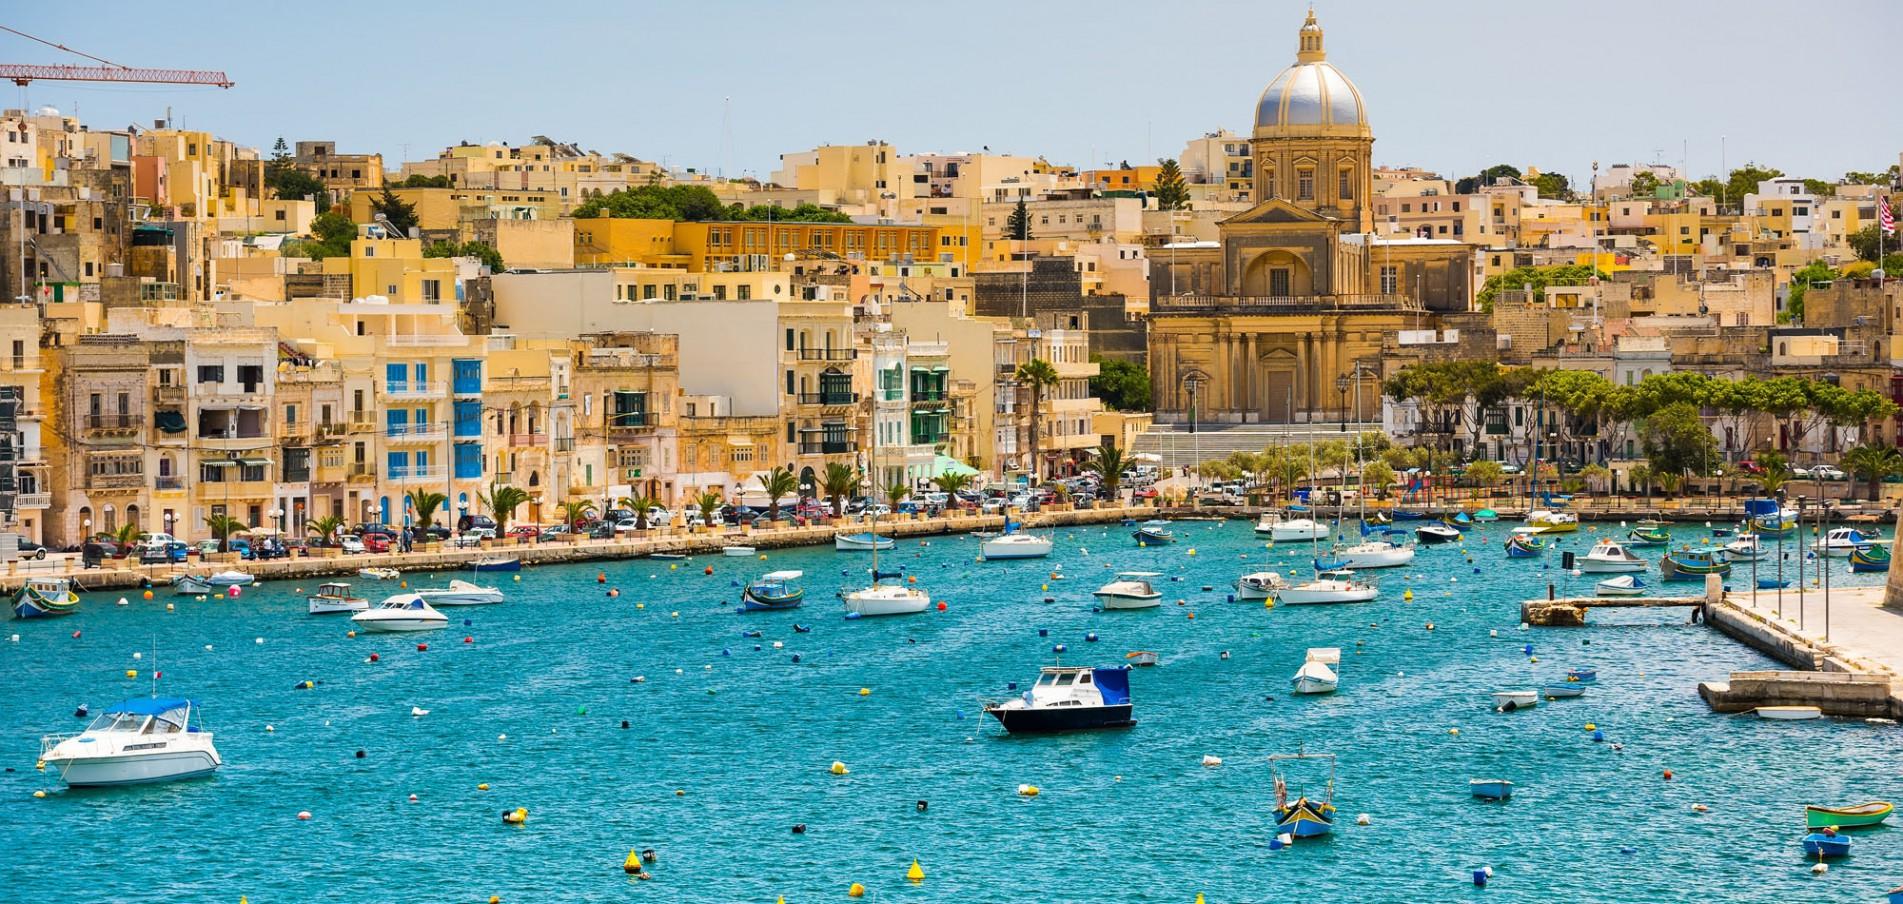 Willkommen auf Malta ... dem Herzen des Mittelmeers!